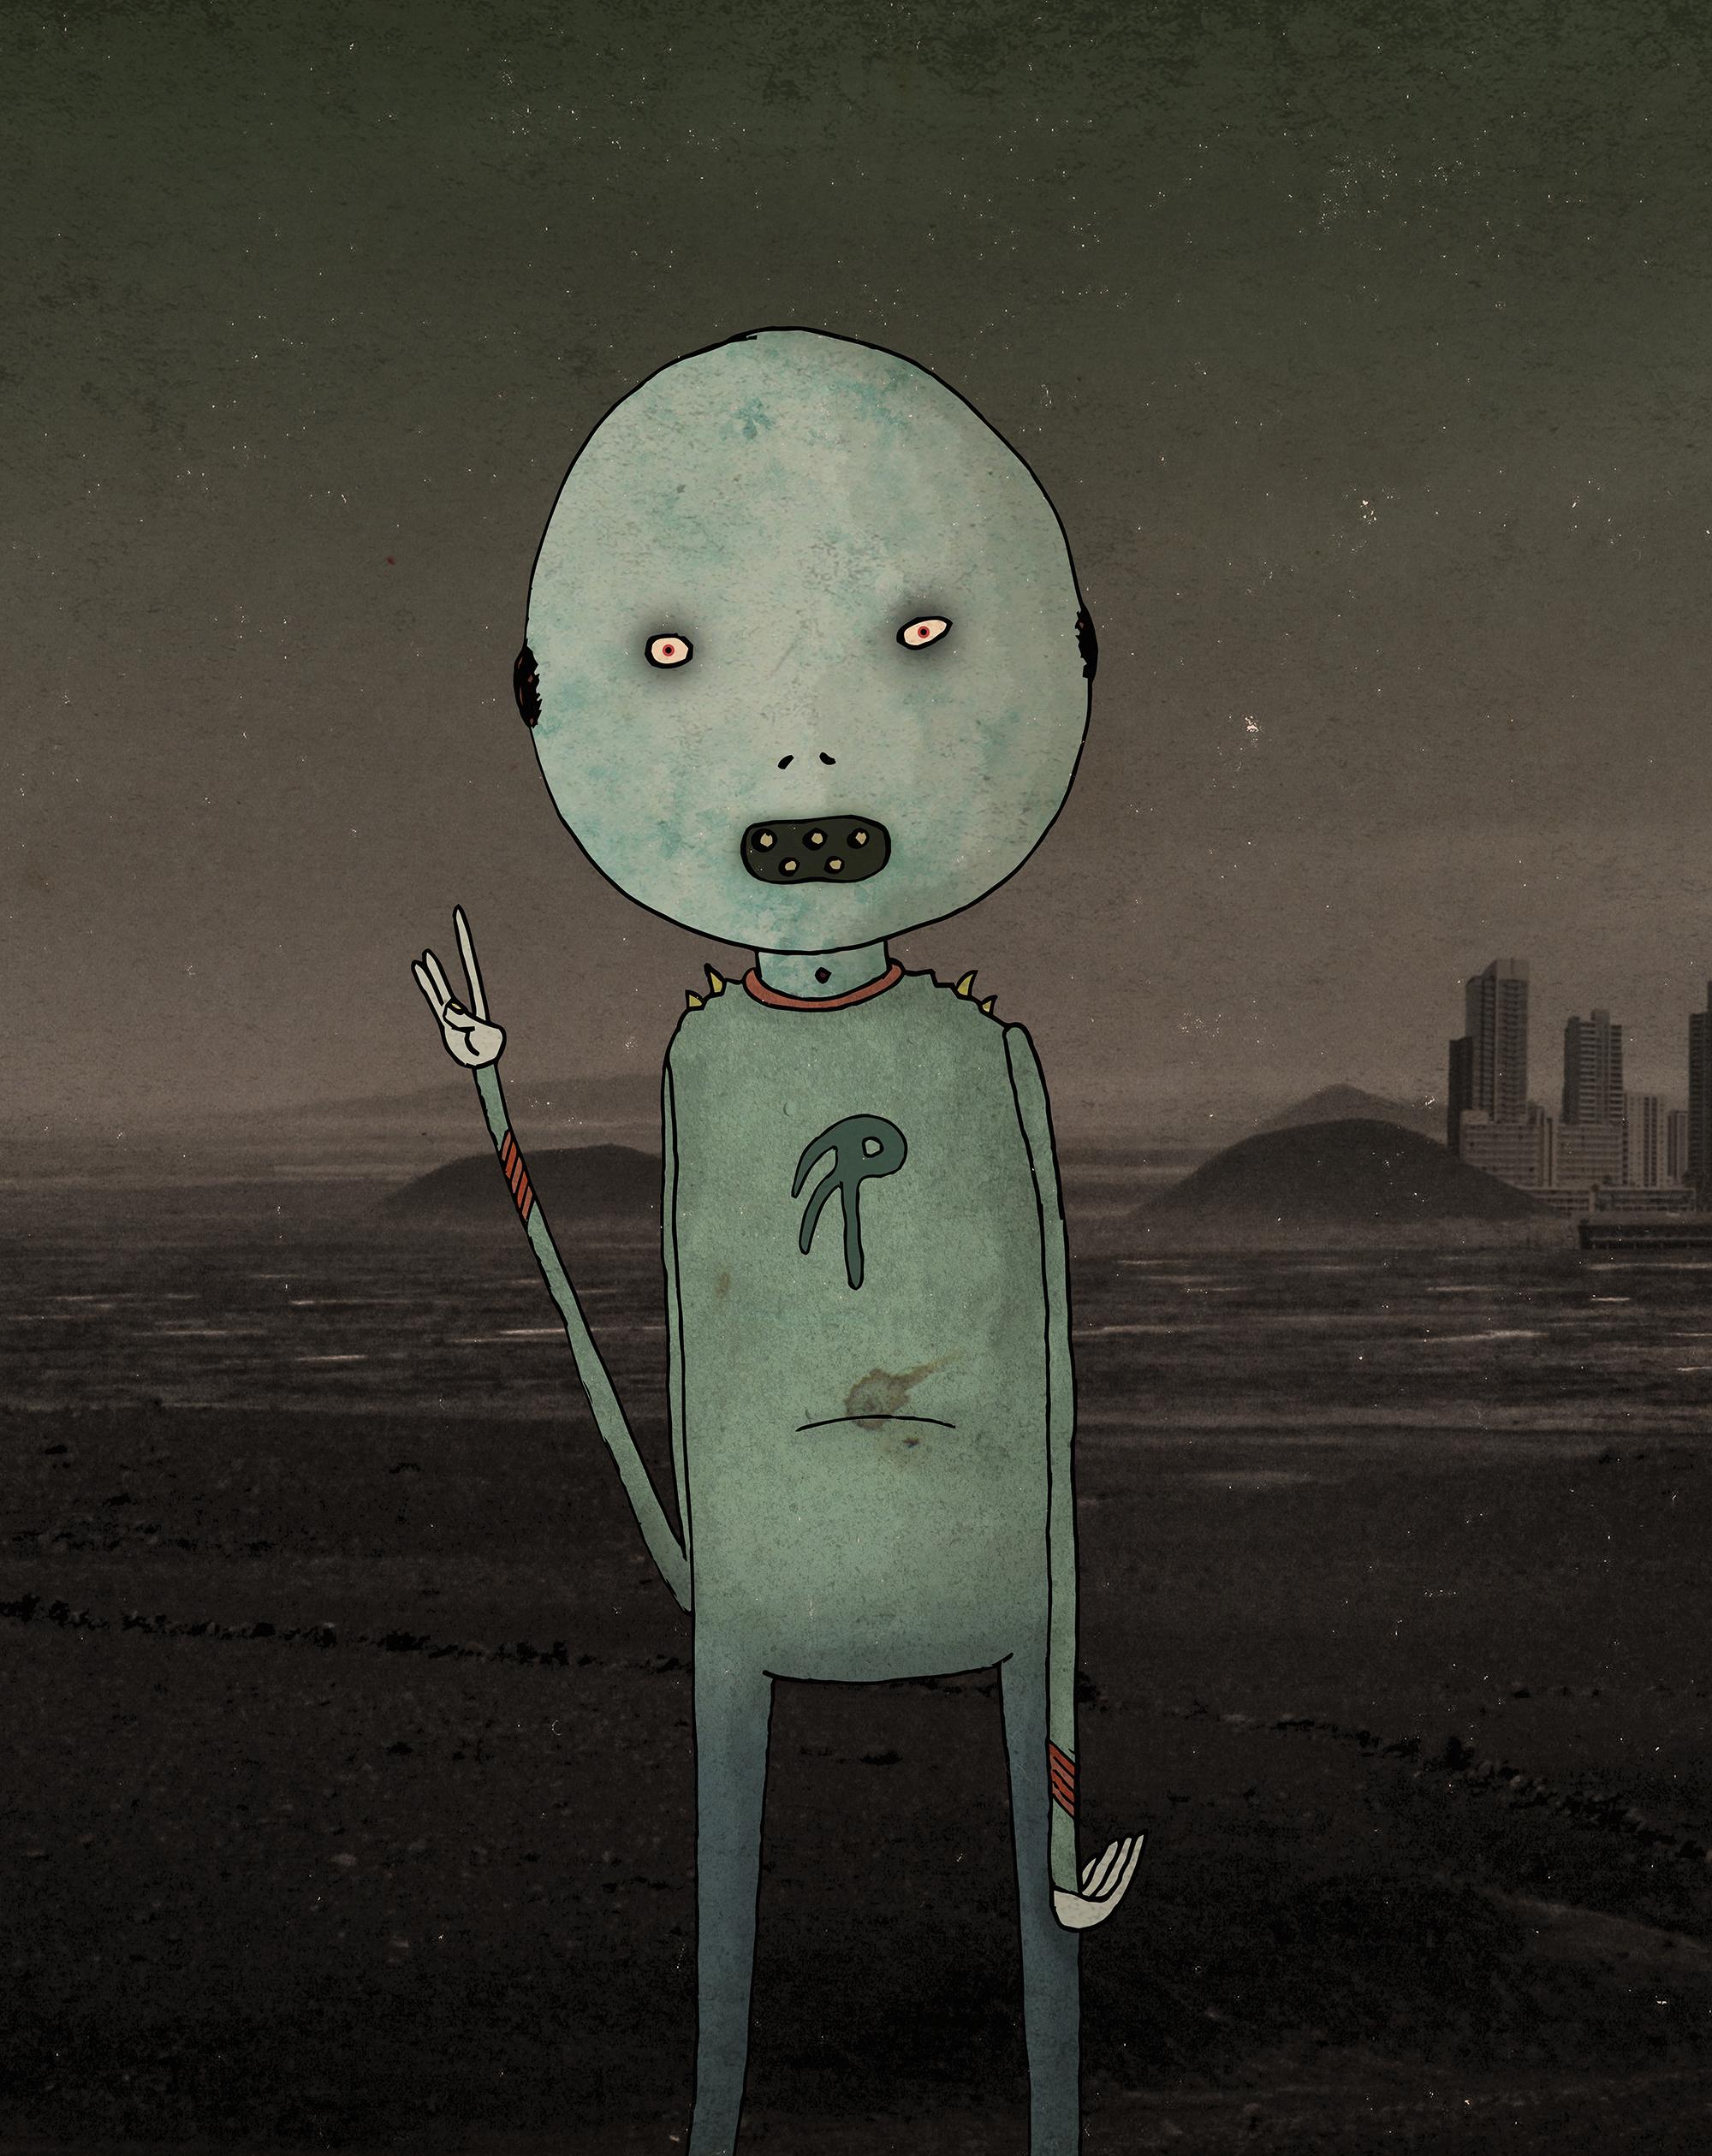 alien - 01 b.jpg